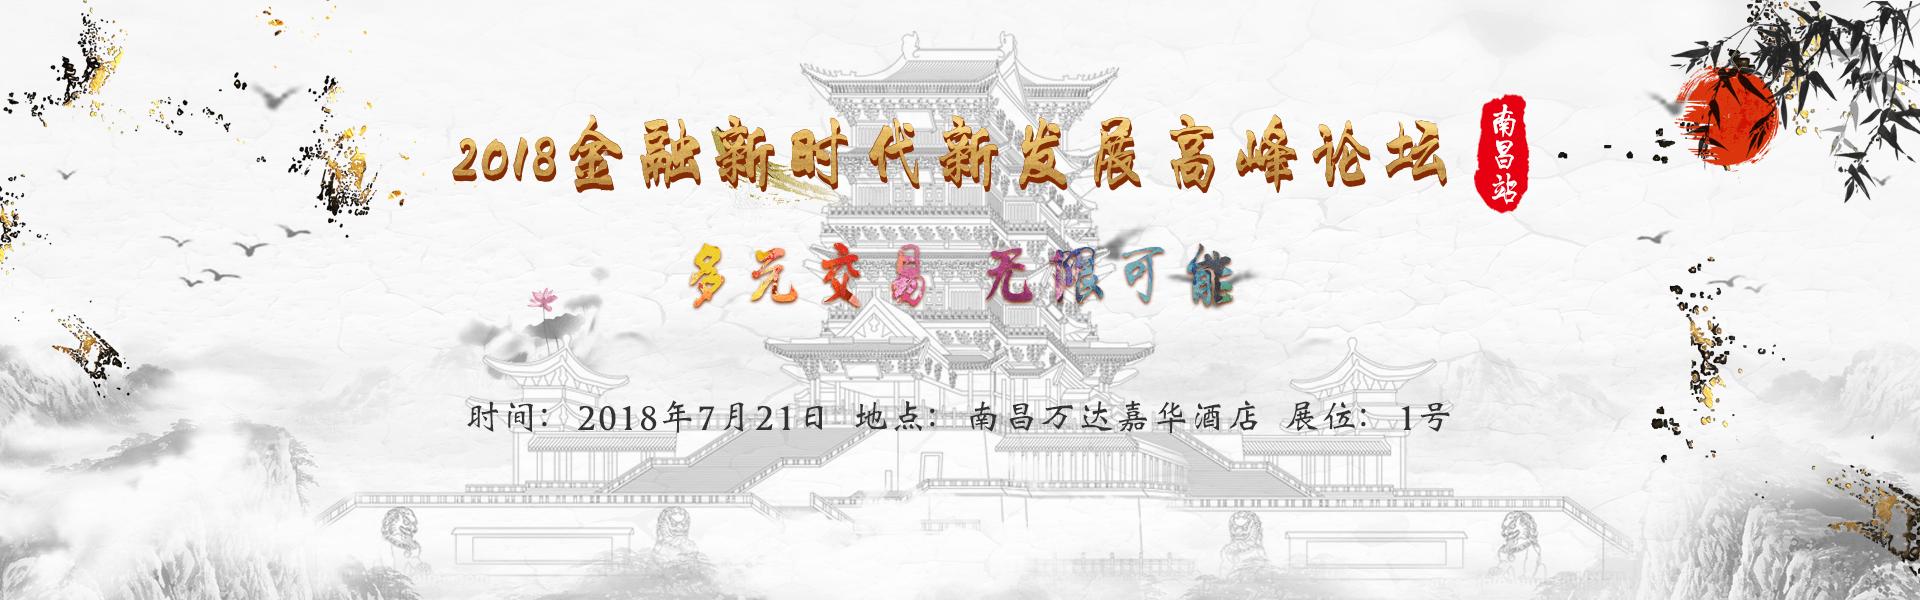 西城定位2018金融新时代新发展高峰论坛-南昌站